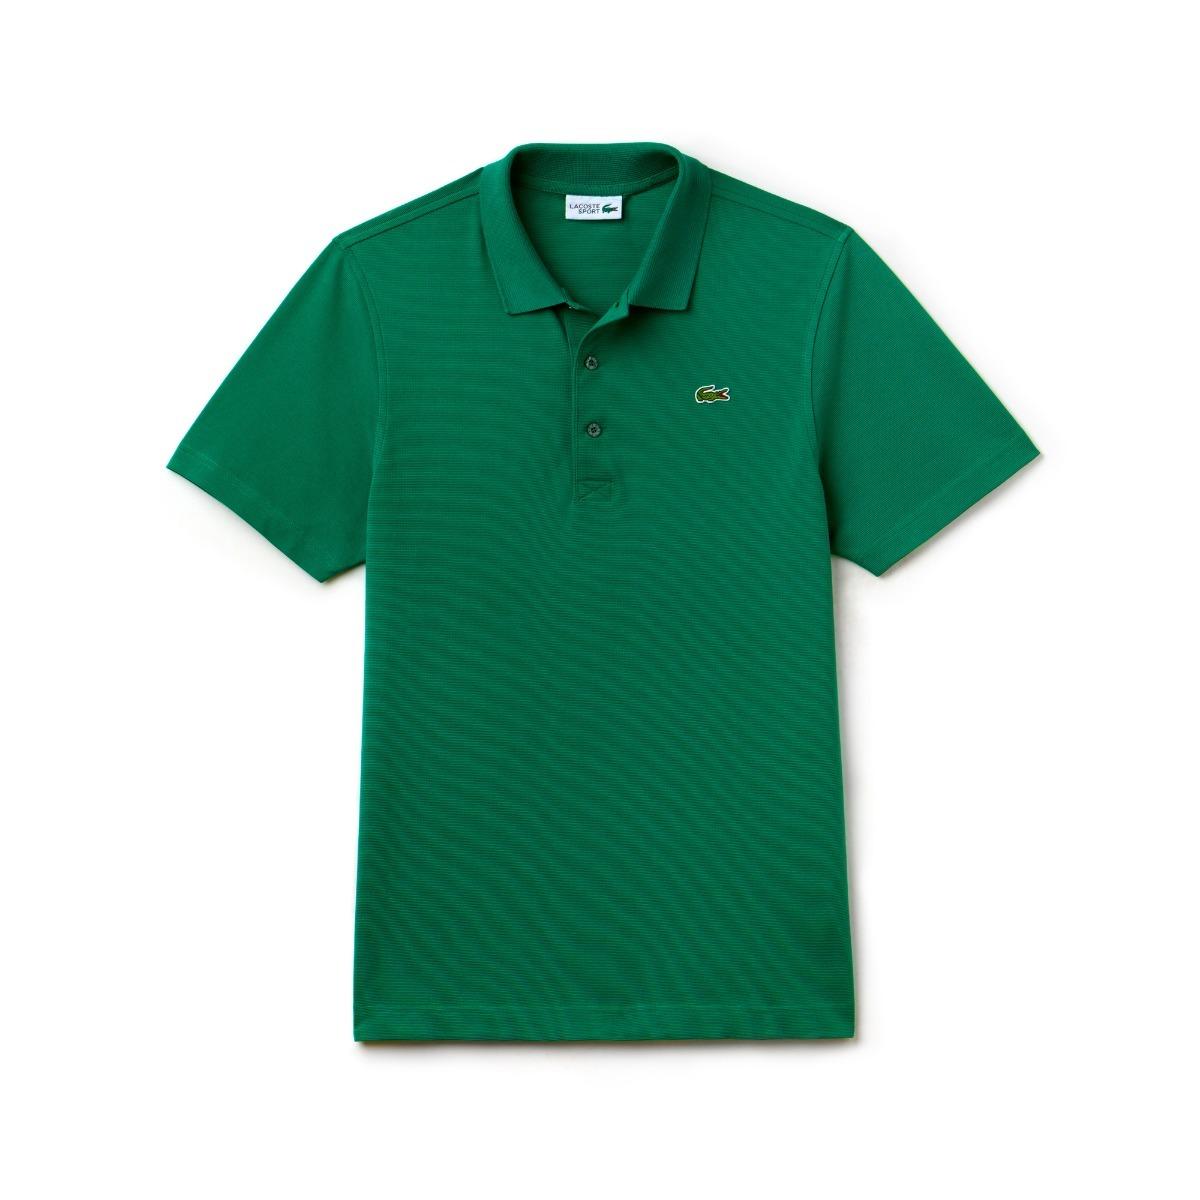 38916e636da camisa polo lacoste sport original 123021. Carregando zoom.